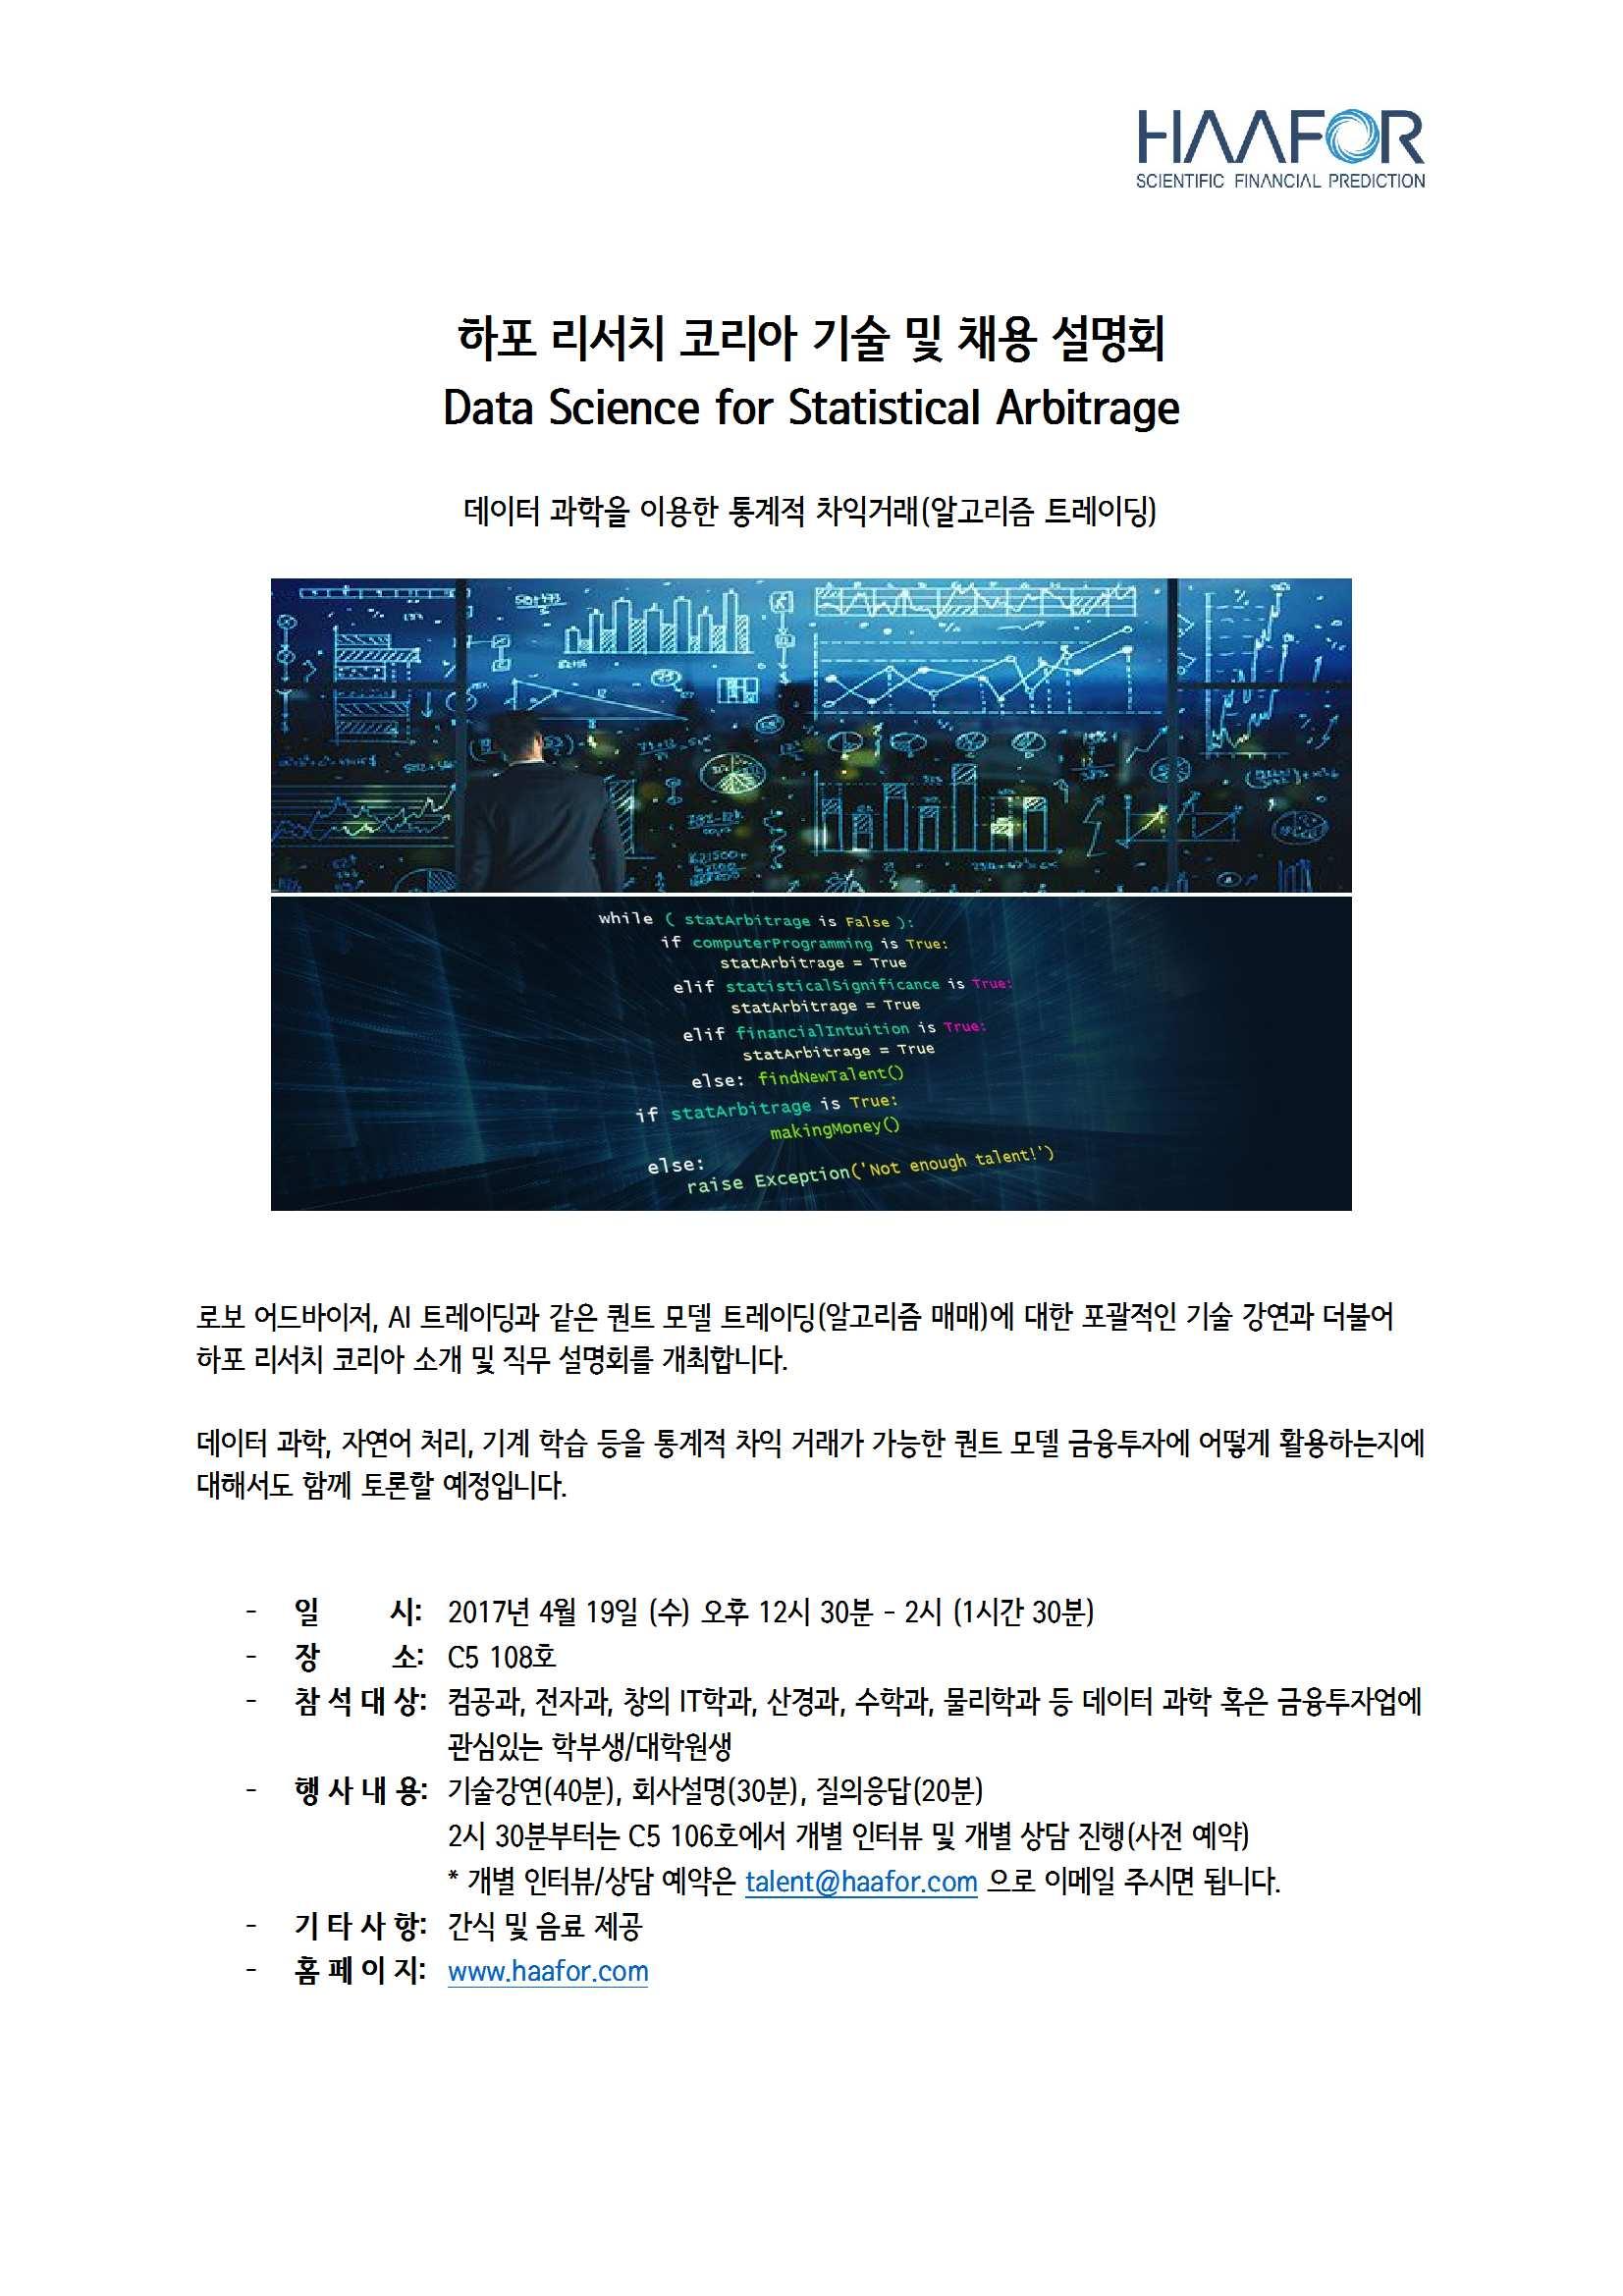 [포스텍] 하포 리서치 코리아 기술 및 채용 설명회